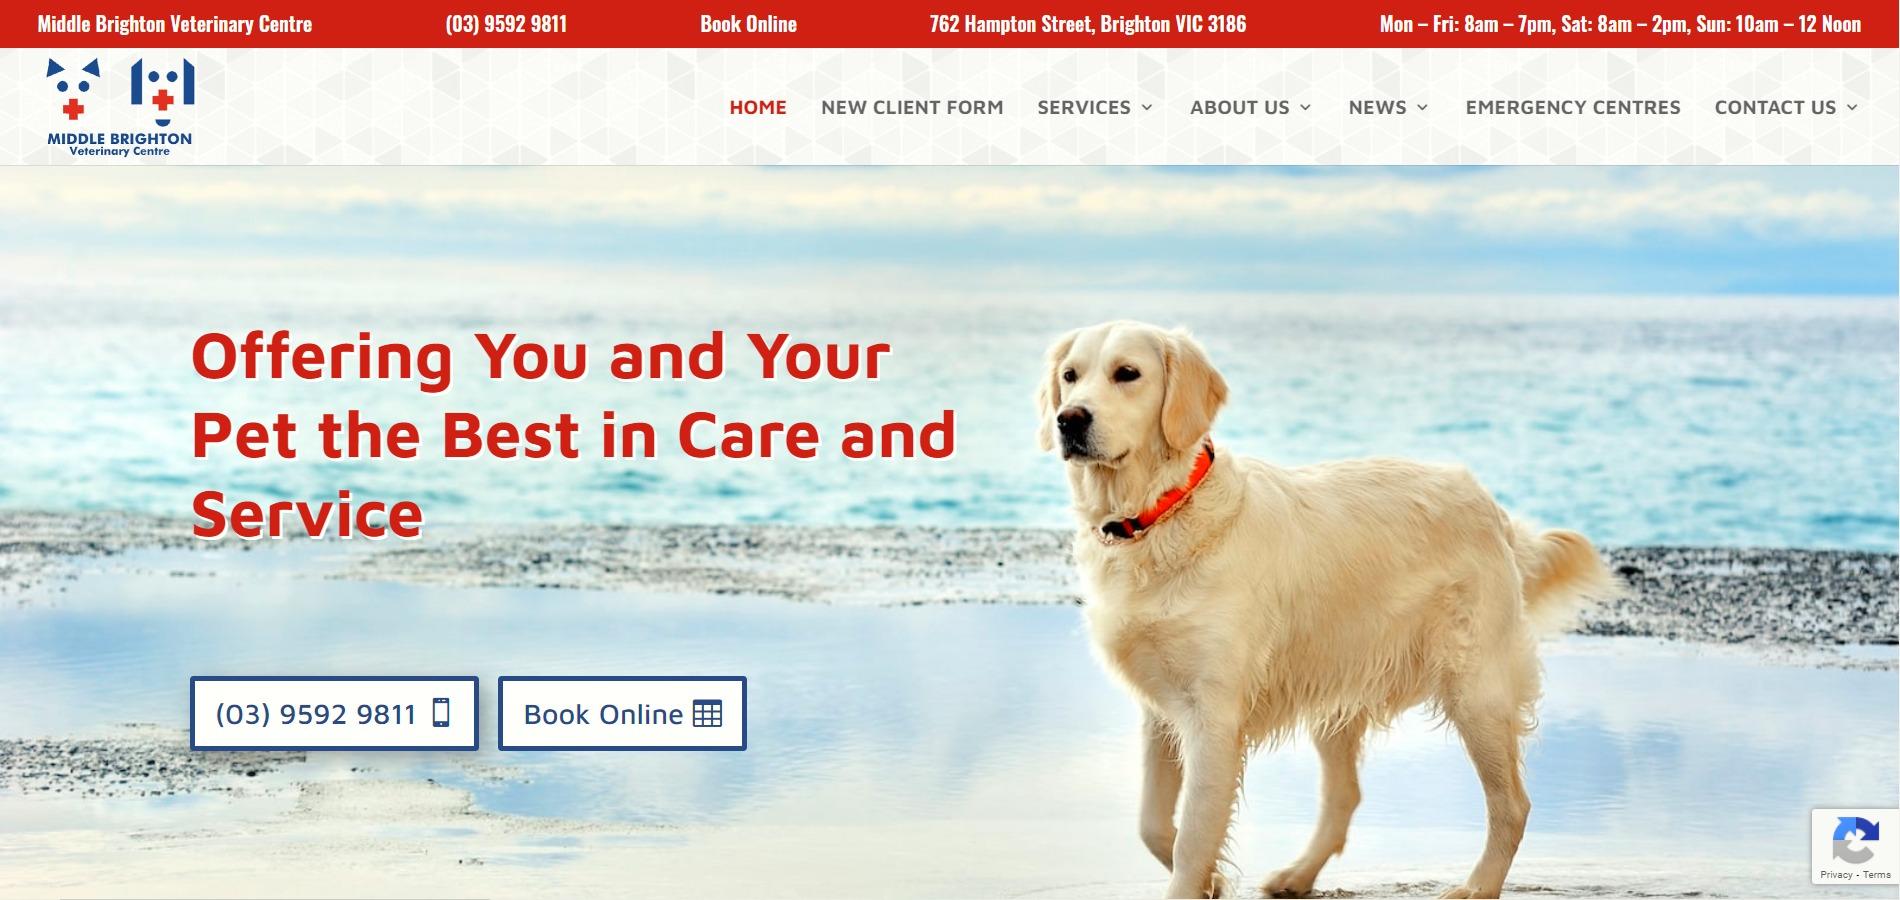 Middle Brighton Veterinary Centre